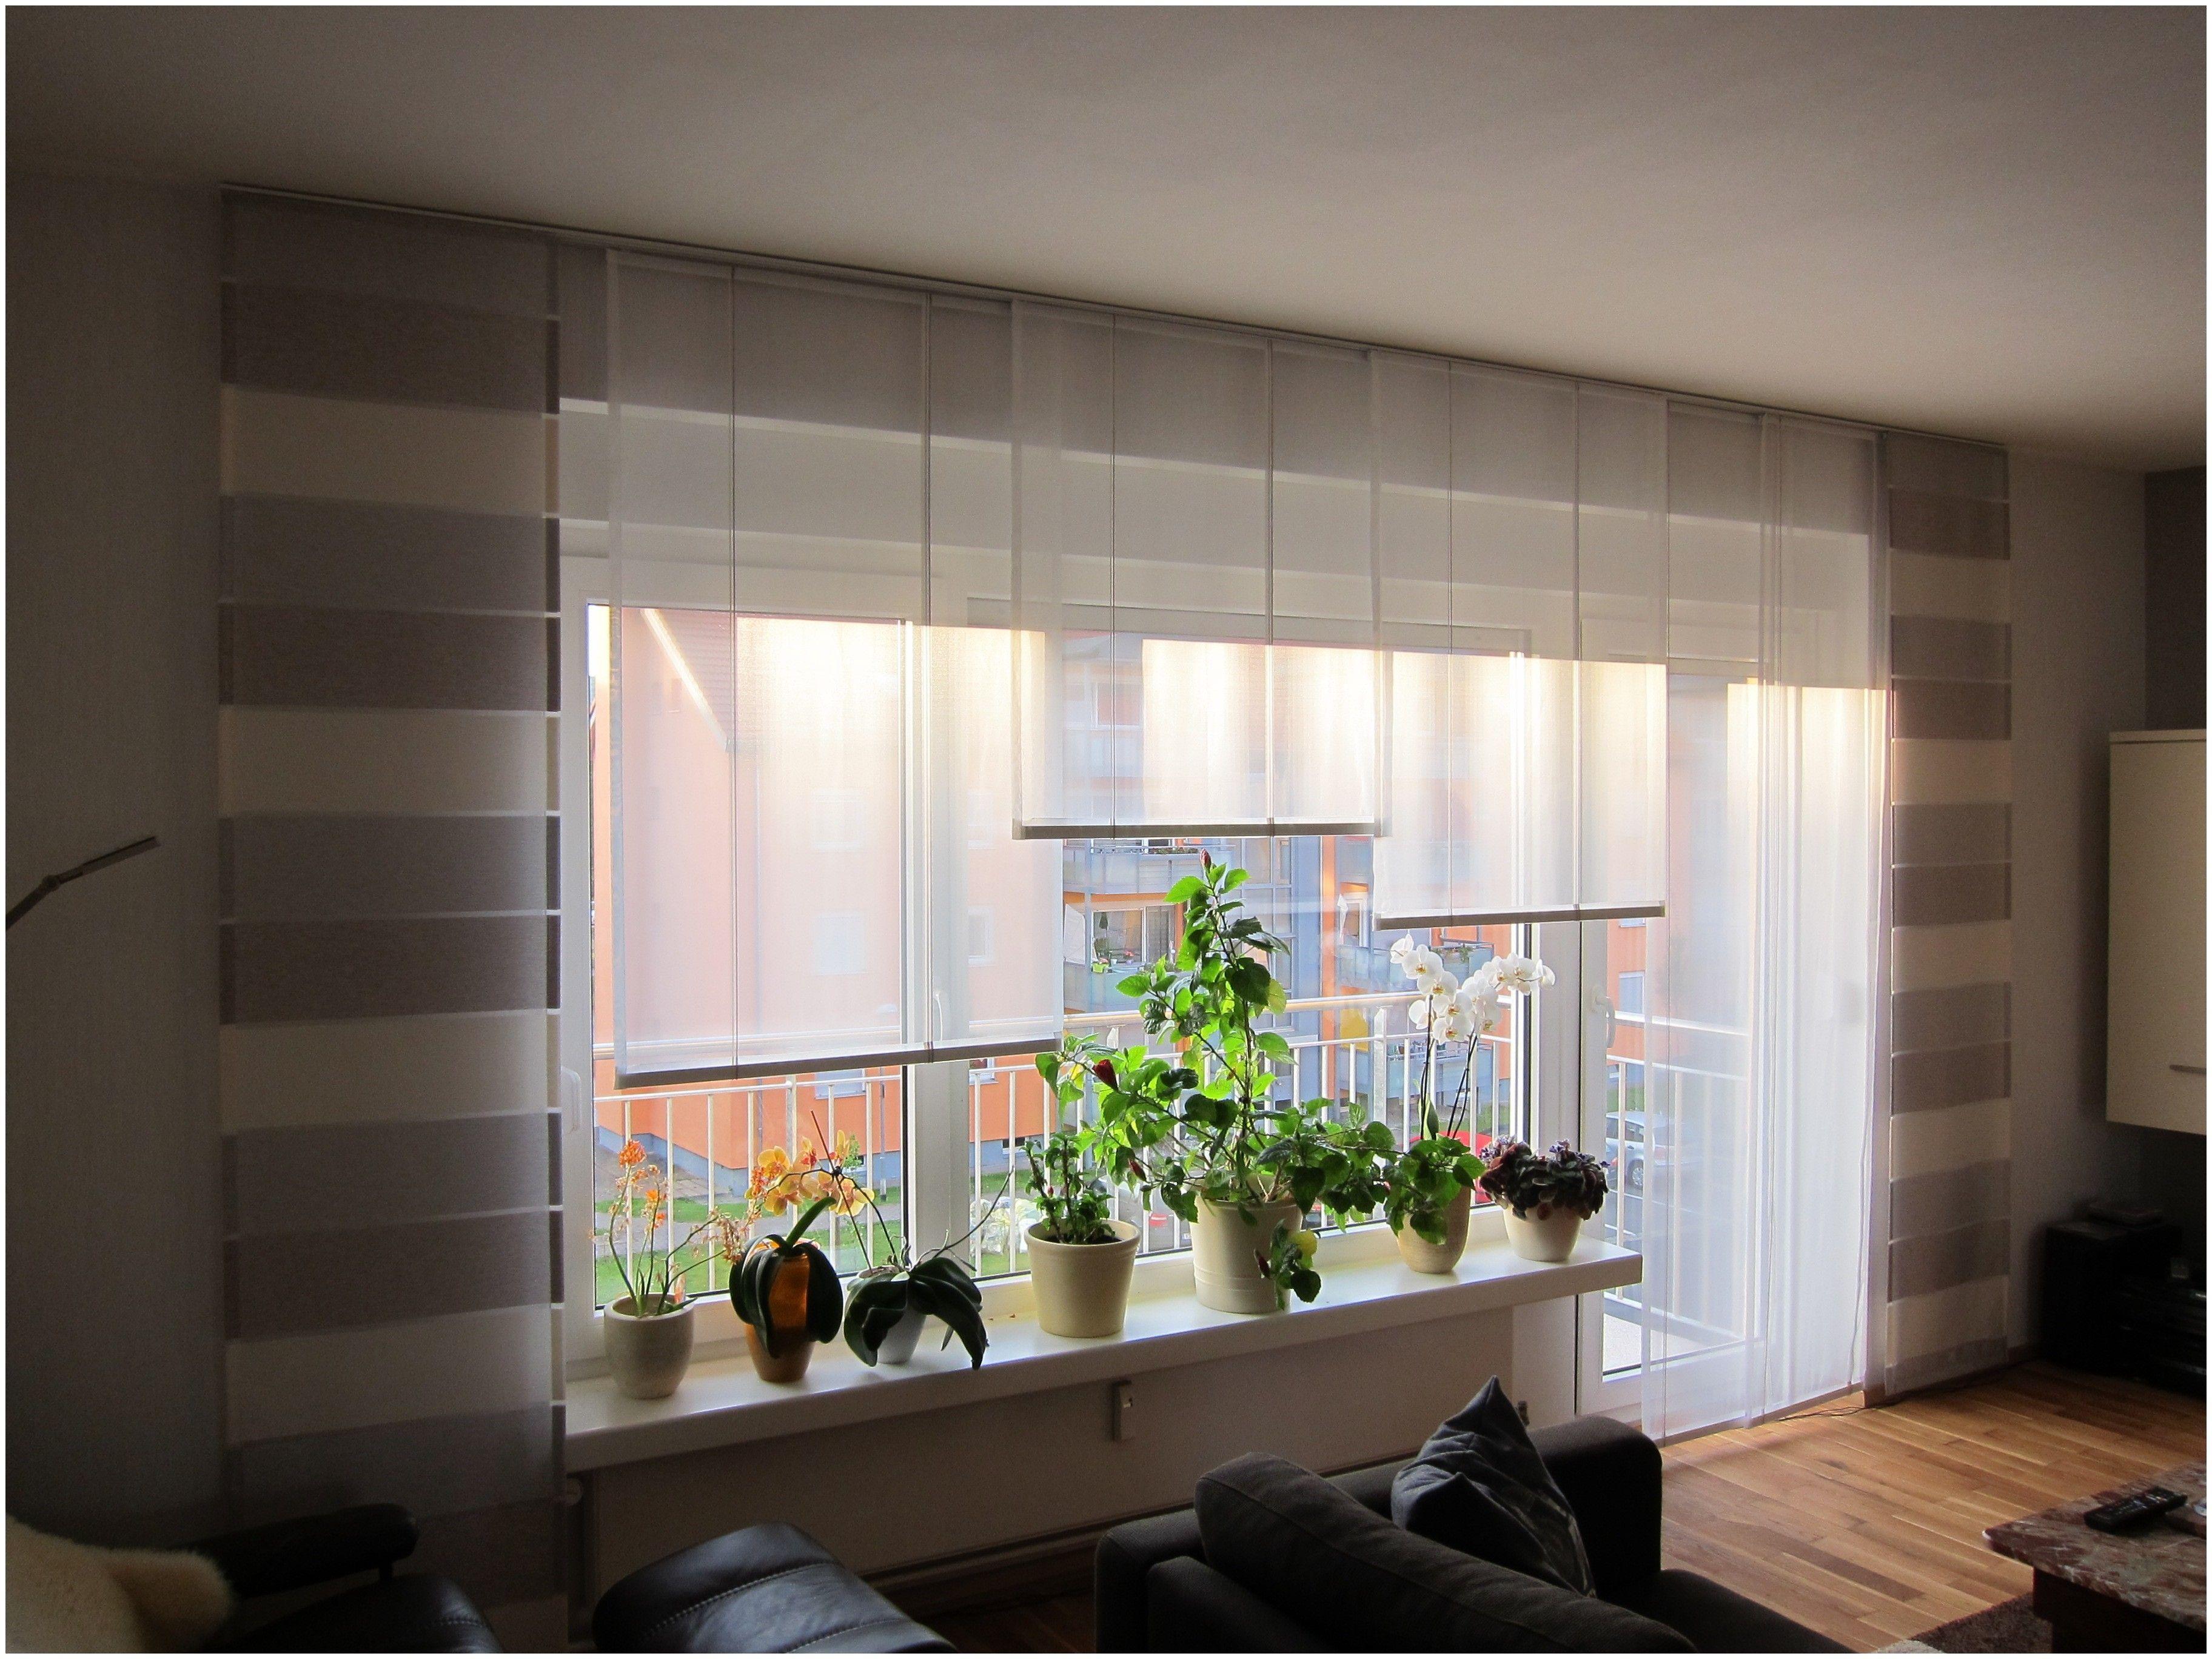 Wohndesign für kleines schlafzimmer gardinen wohnzimmerfenster und balkontür  ideen für jugendzimmer